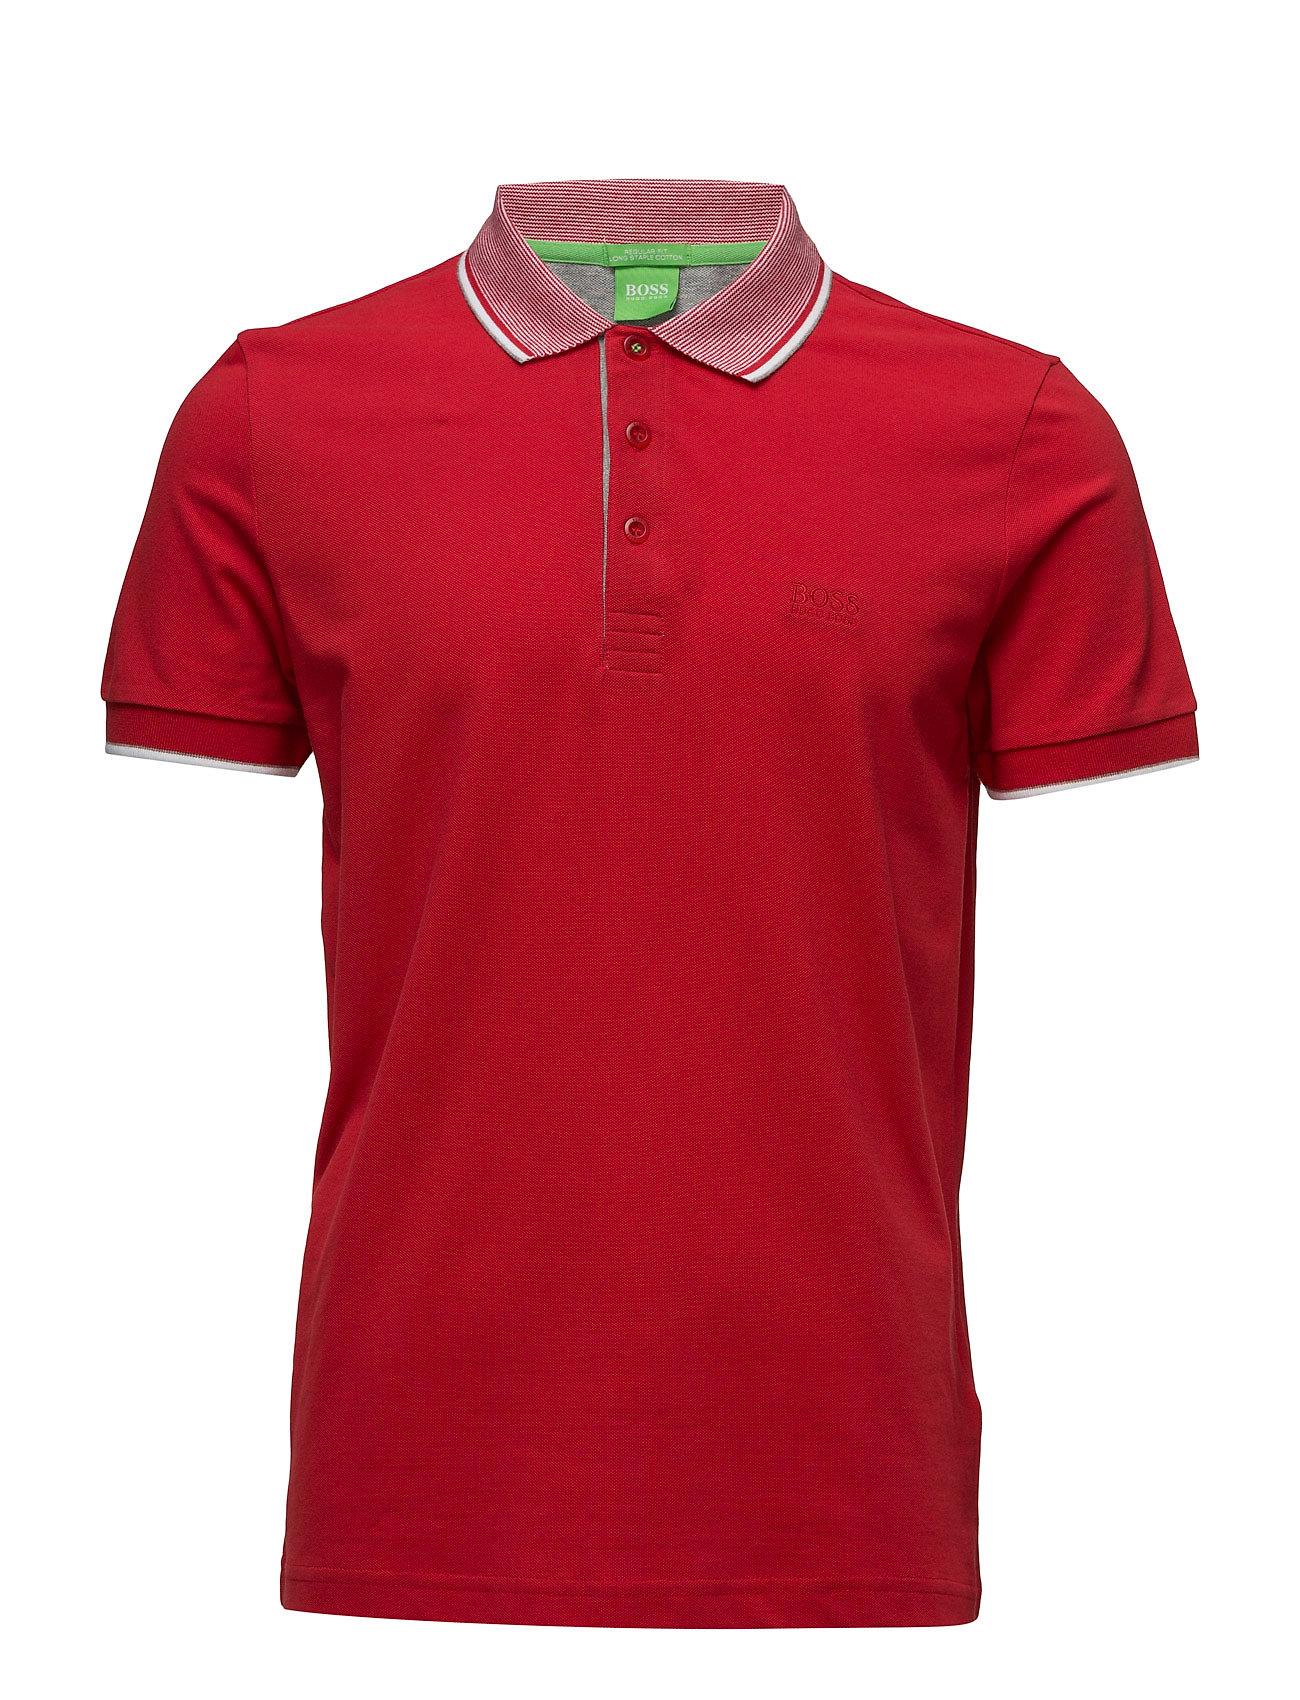 Paddos 1 BOSS GREEN Kortærmede polo t-shirts til Herrer i